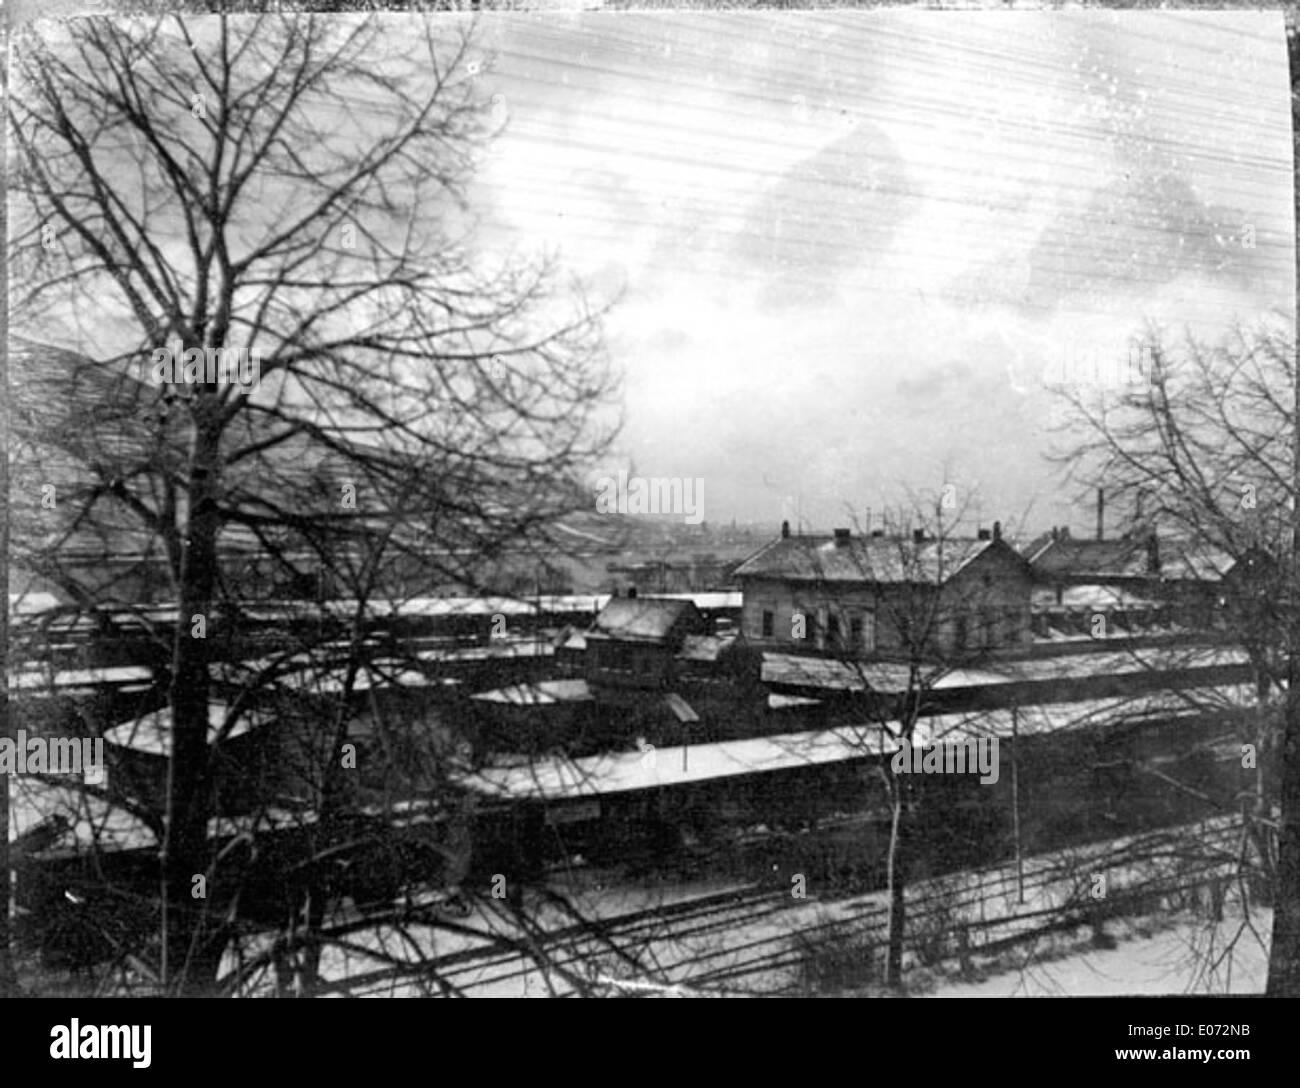 La gare et les voies, région d'Essen (Rhénanie-du-Nord-Westphalie) - Stock Image